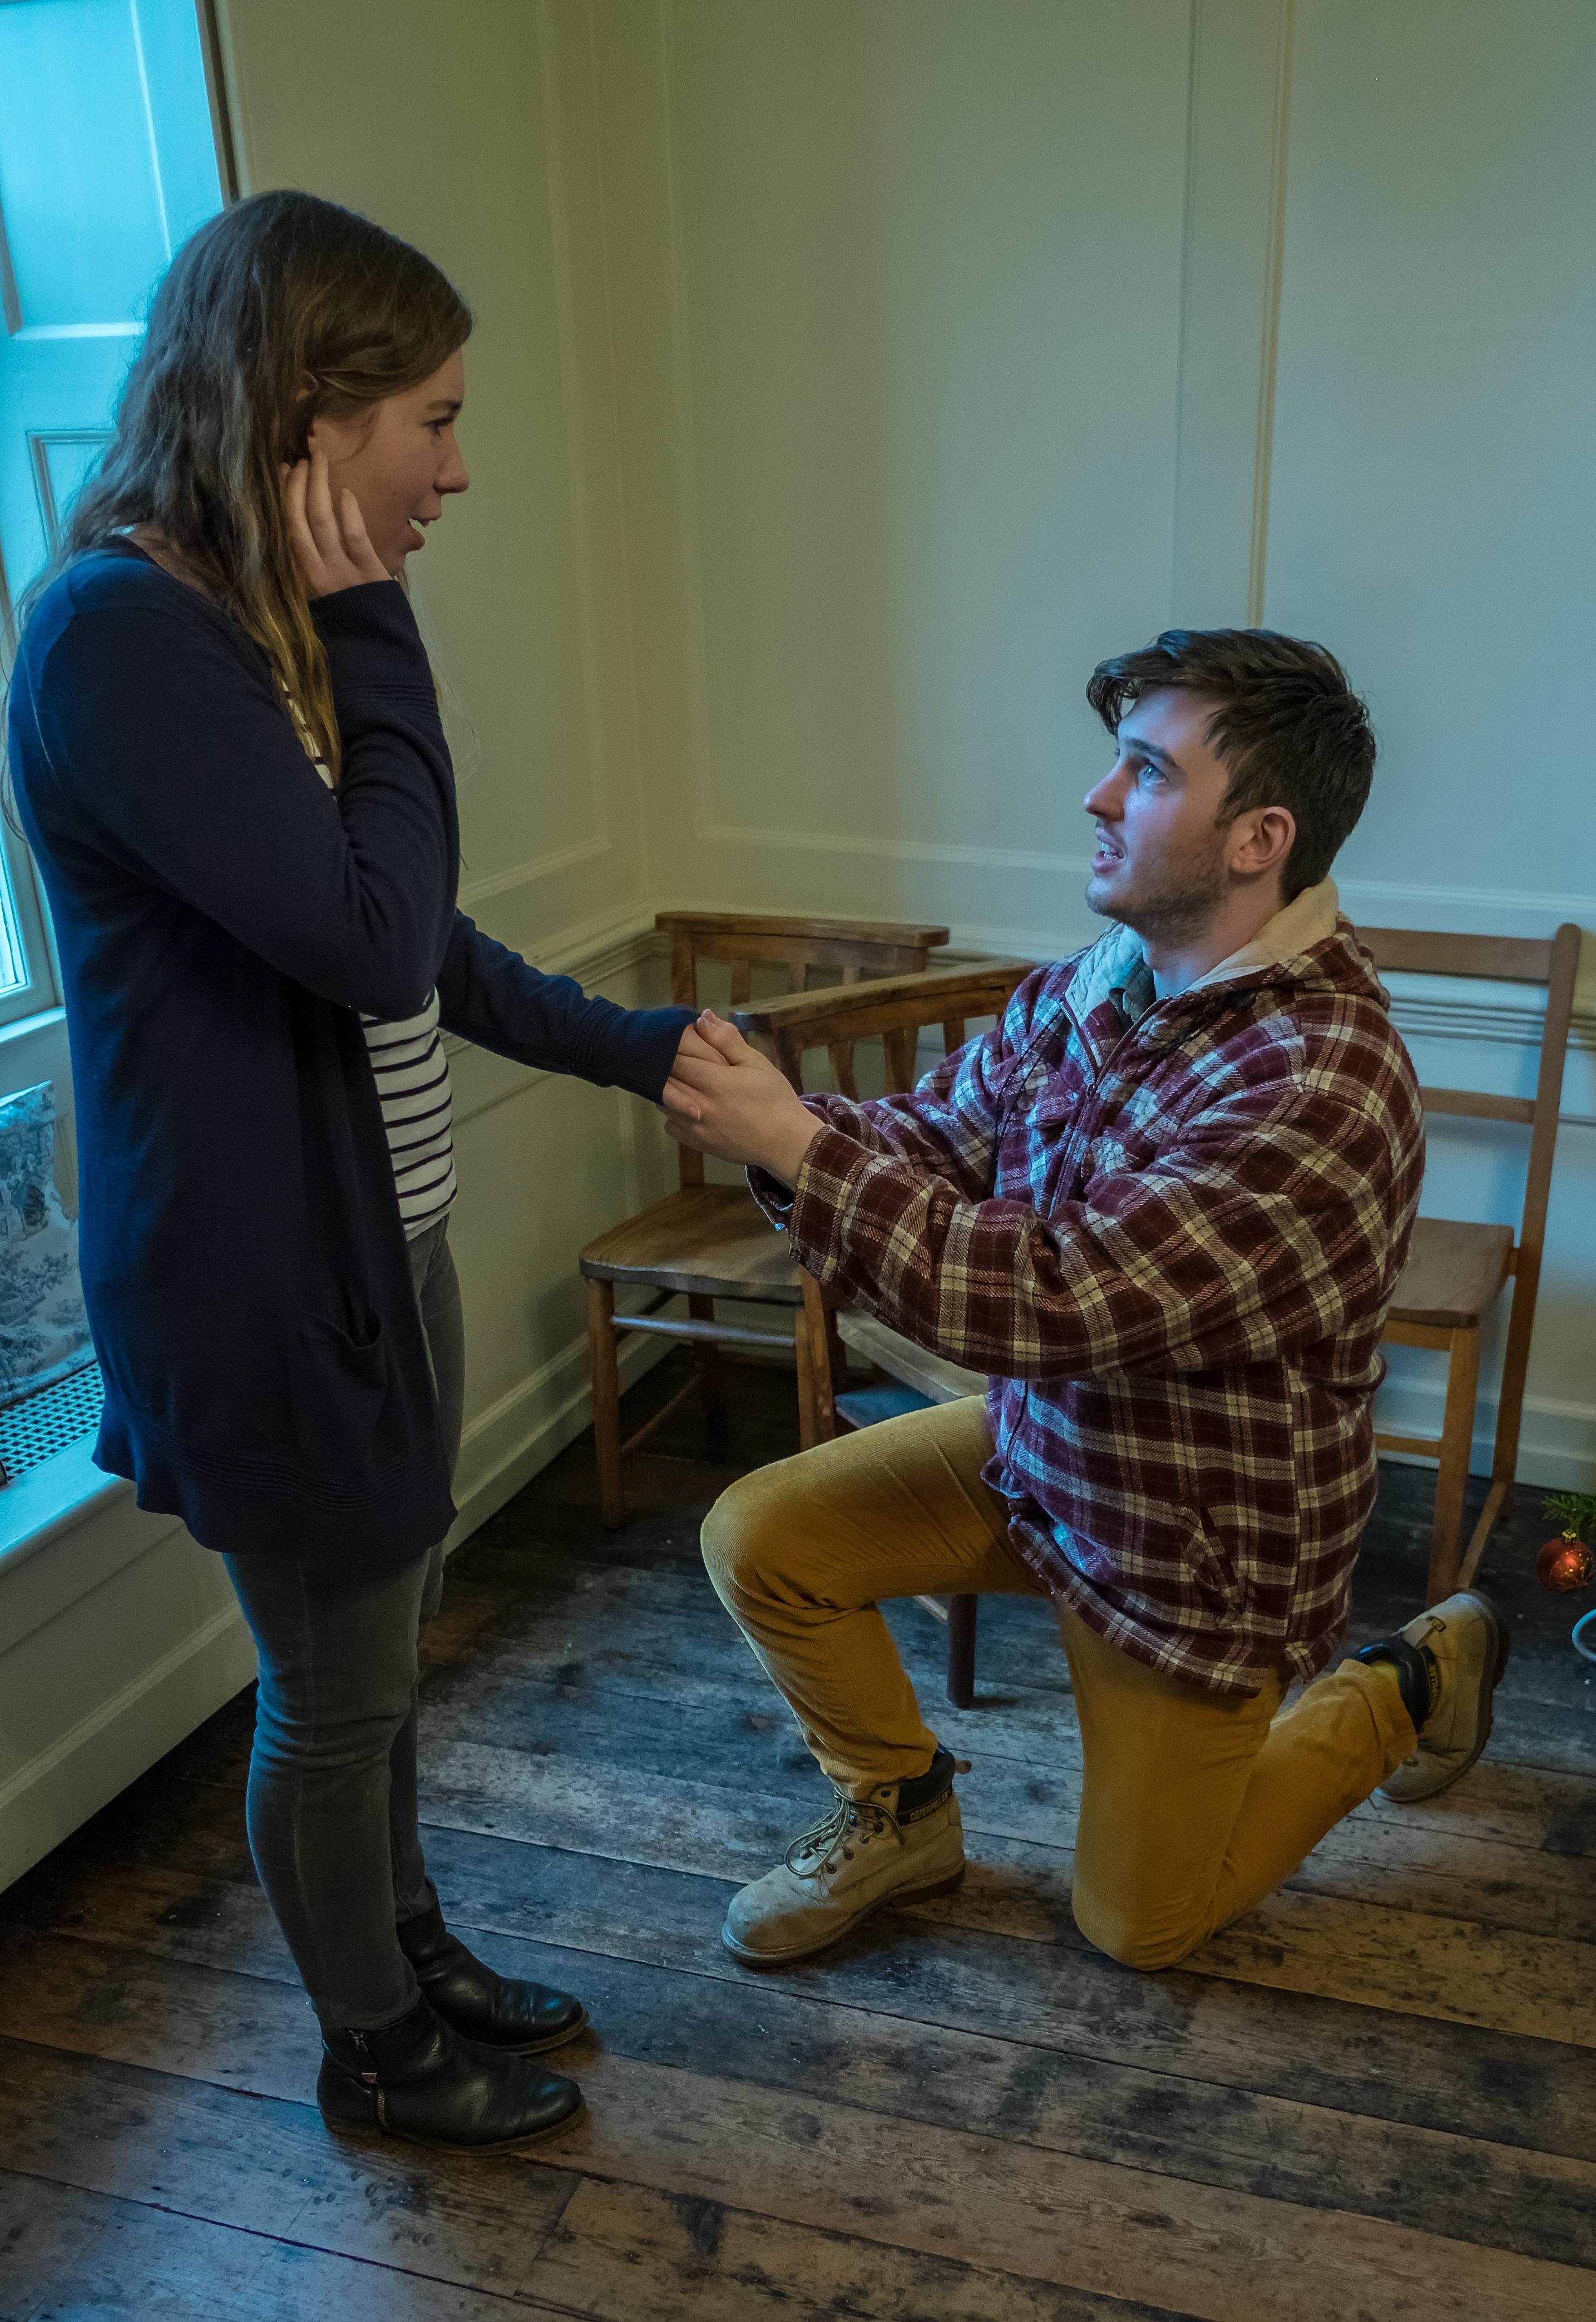 Sam proposes